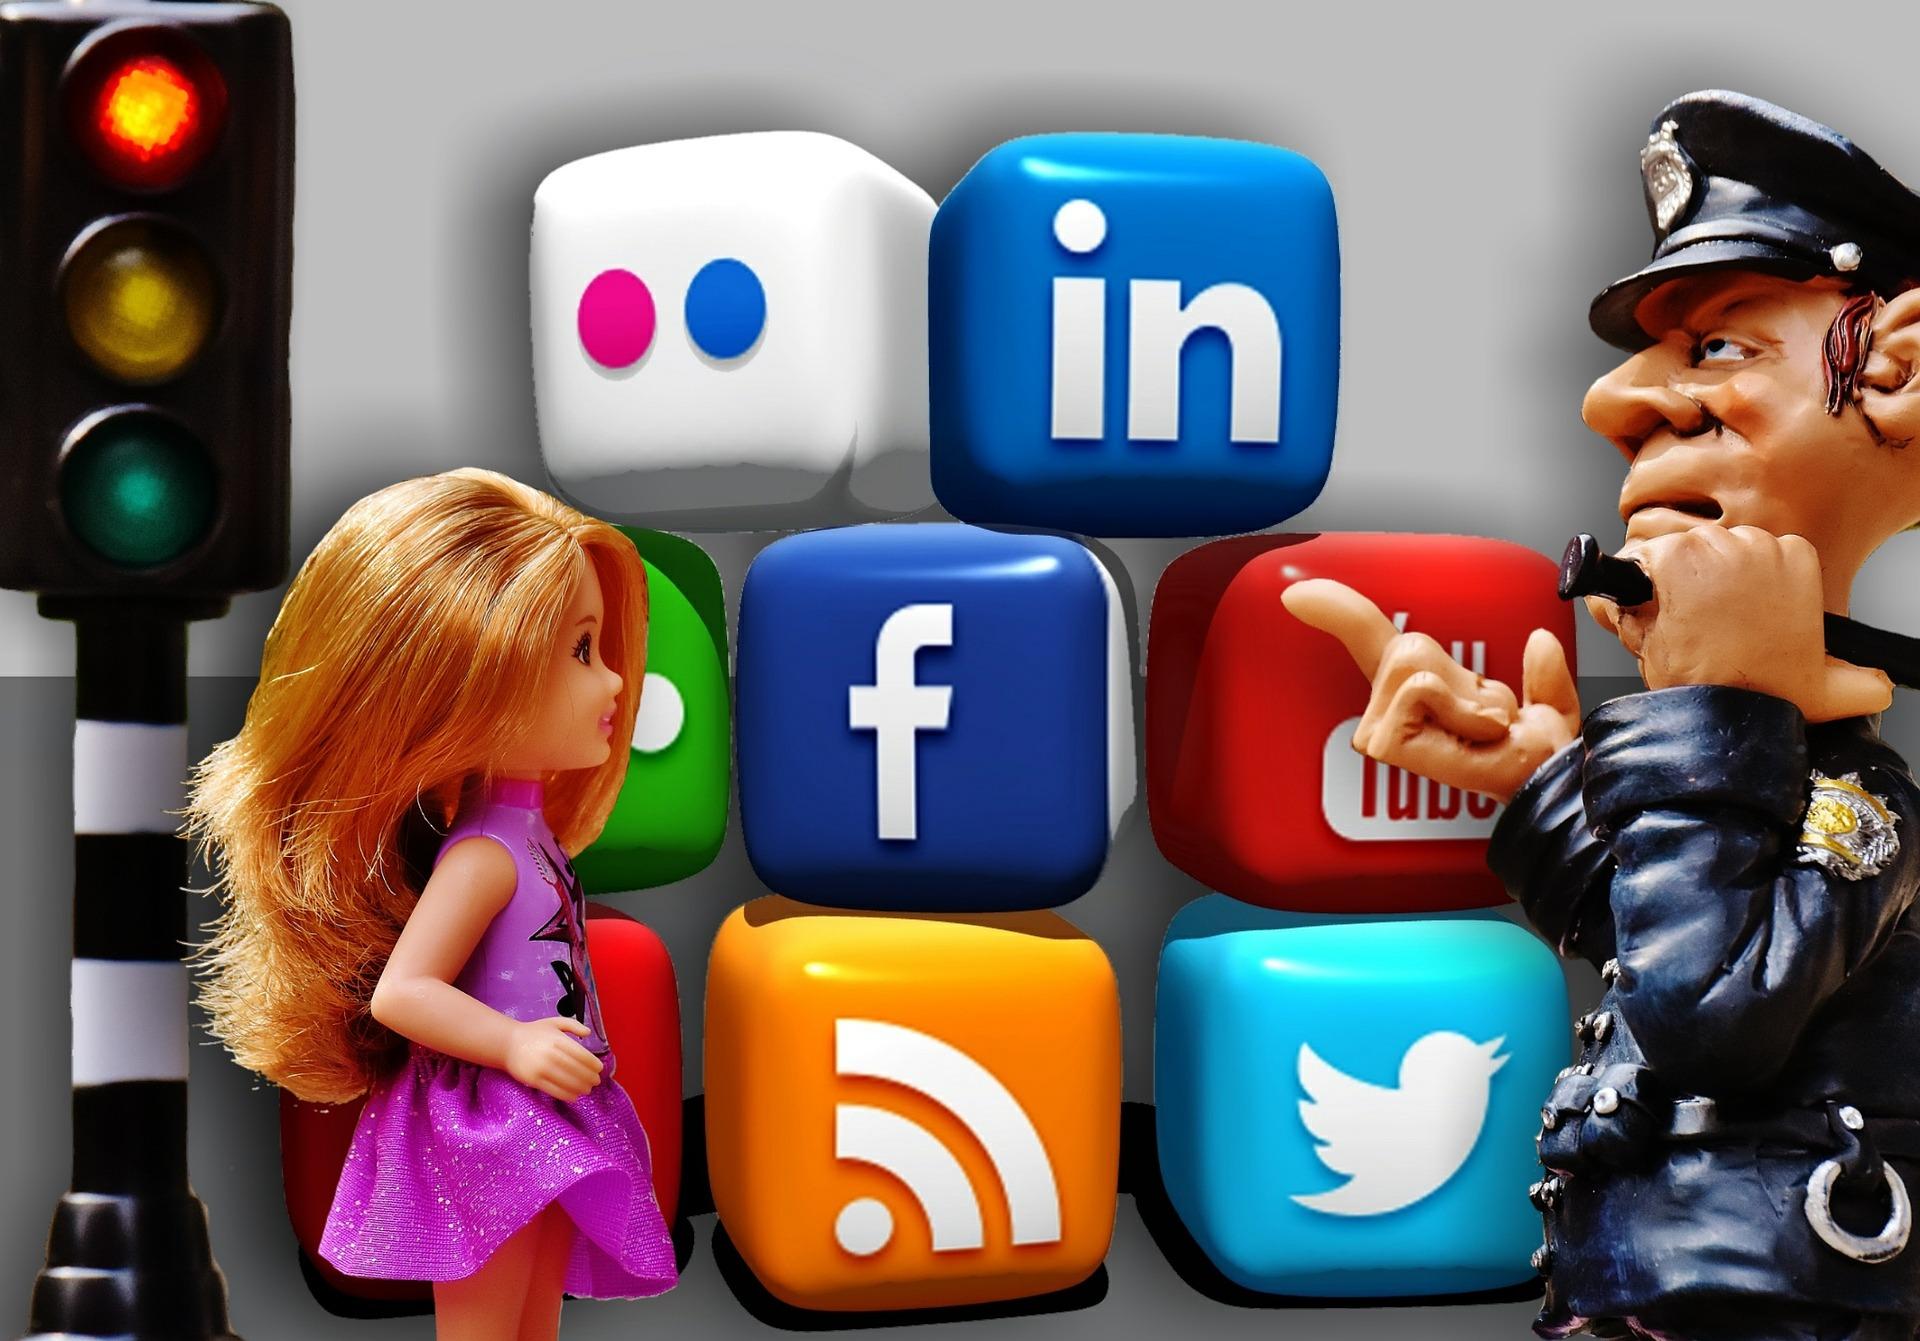 Il caso di Mantova: il divieto di postare foto dei minori sui social network